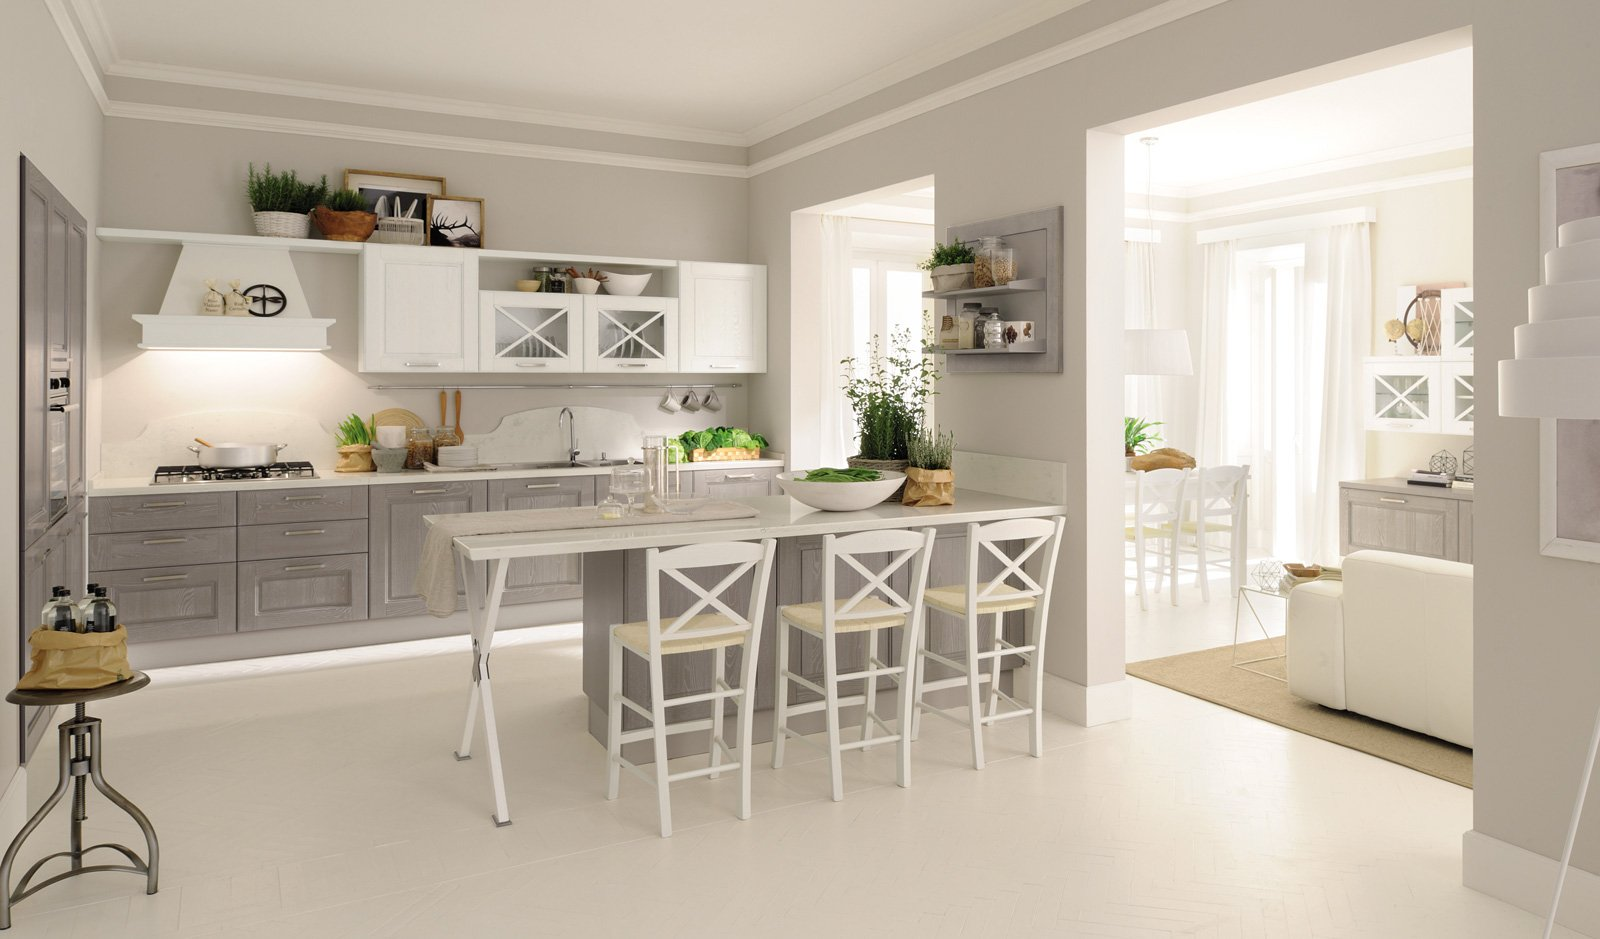 Cucine con ante riquadrate o a telaio cose di casa for Cucina contemporanea prezzi